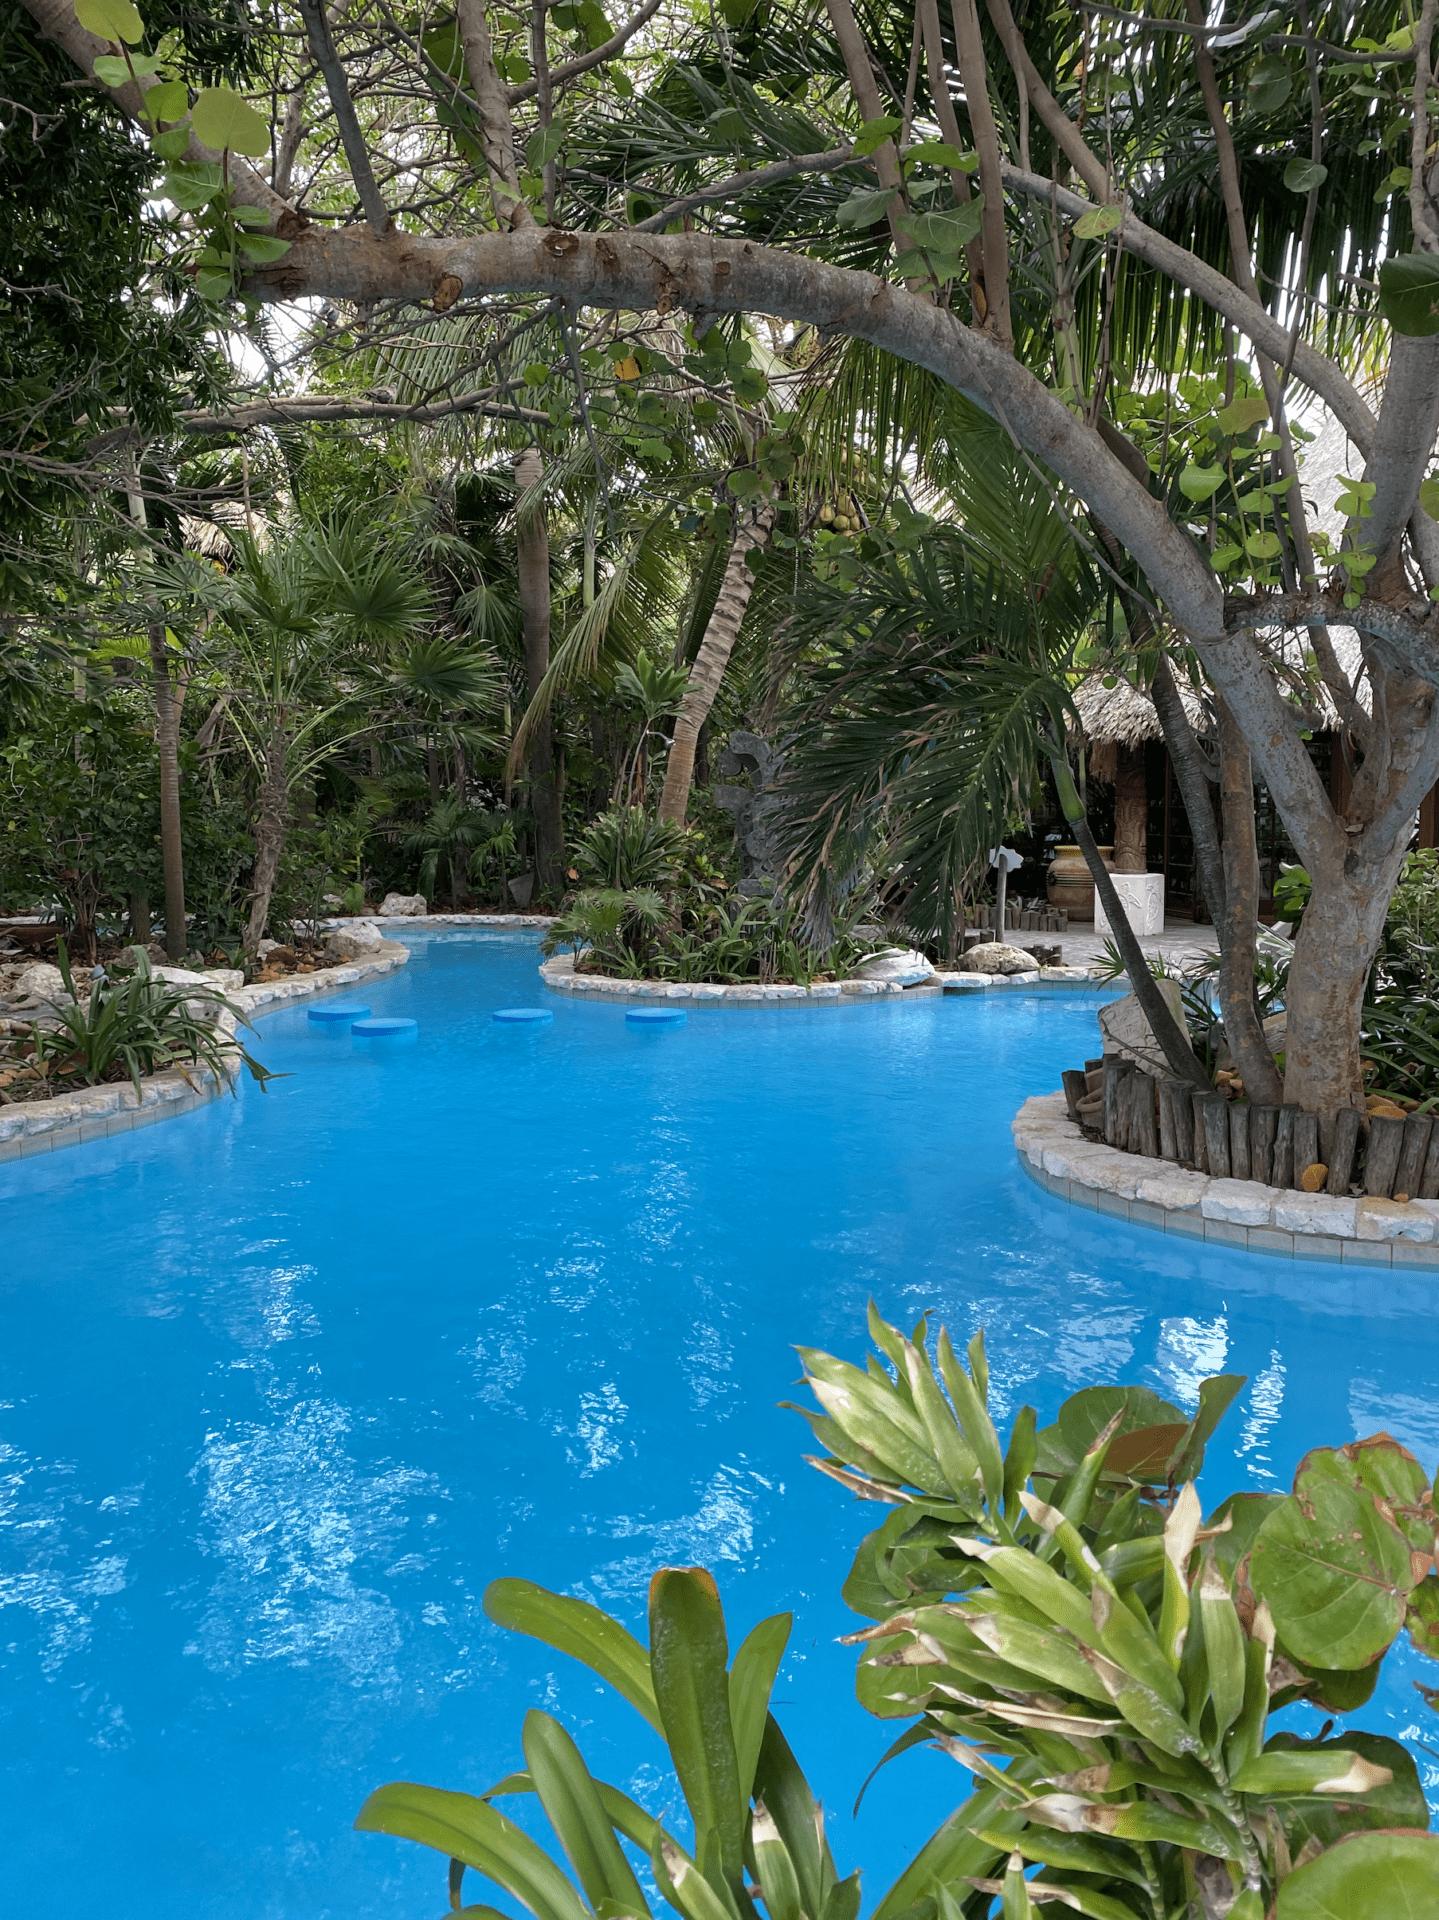 ramons pool